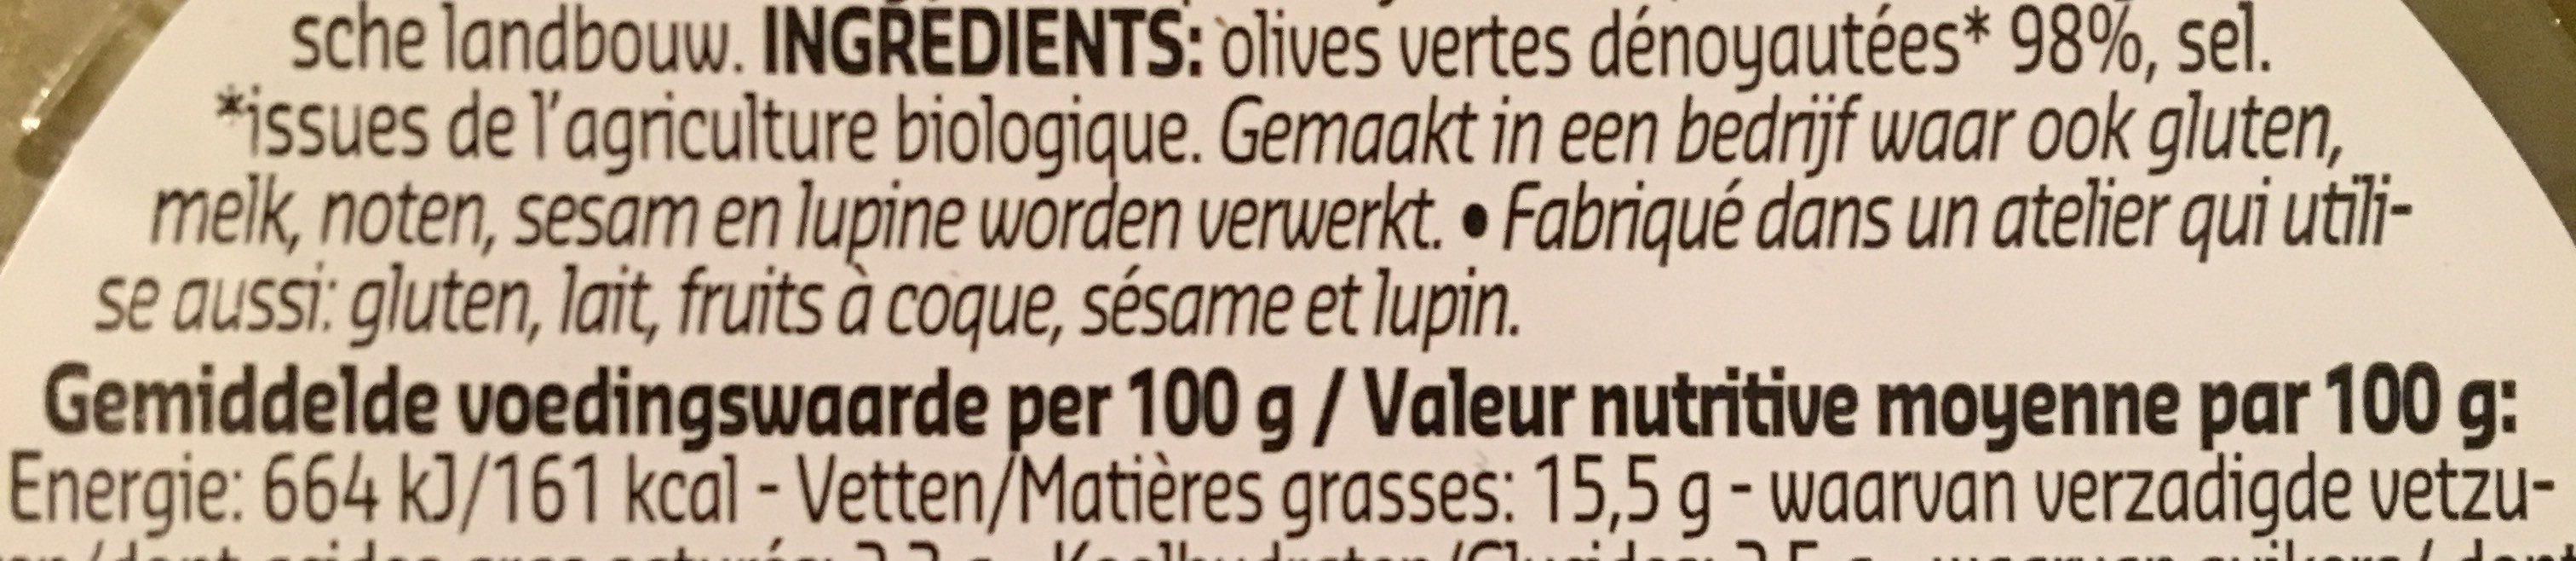 Olives vertes - Ingrediënten